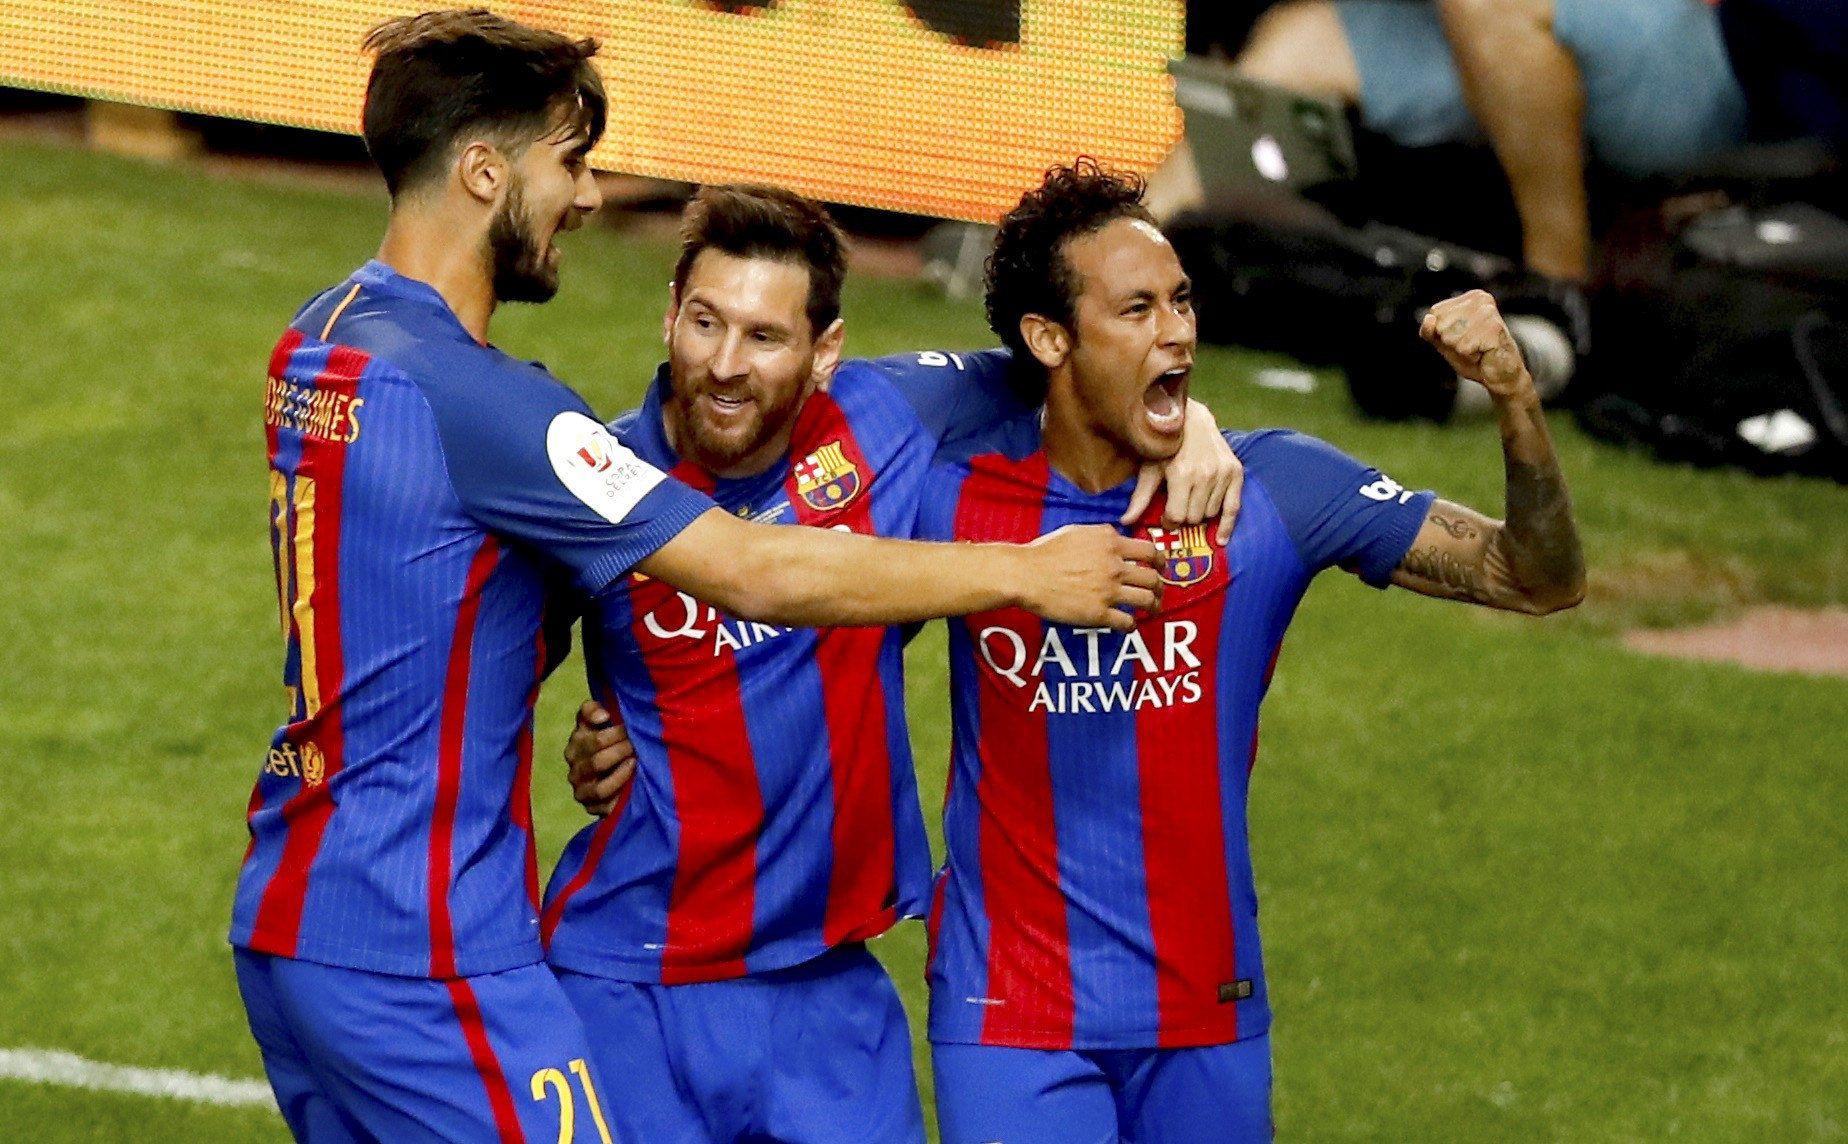 Con un gol de Messi, Barcelona superó al Alavés y se quedó con la Copa del Rey